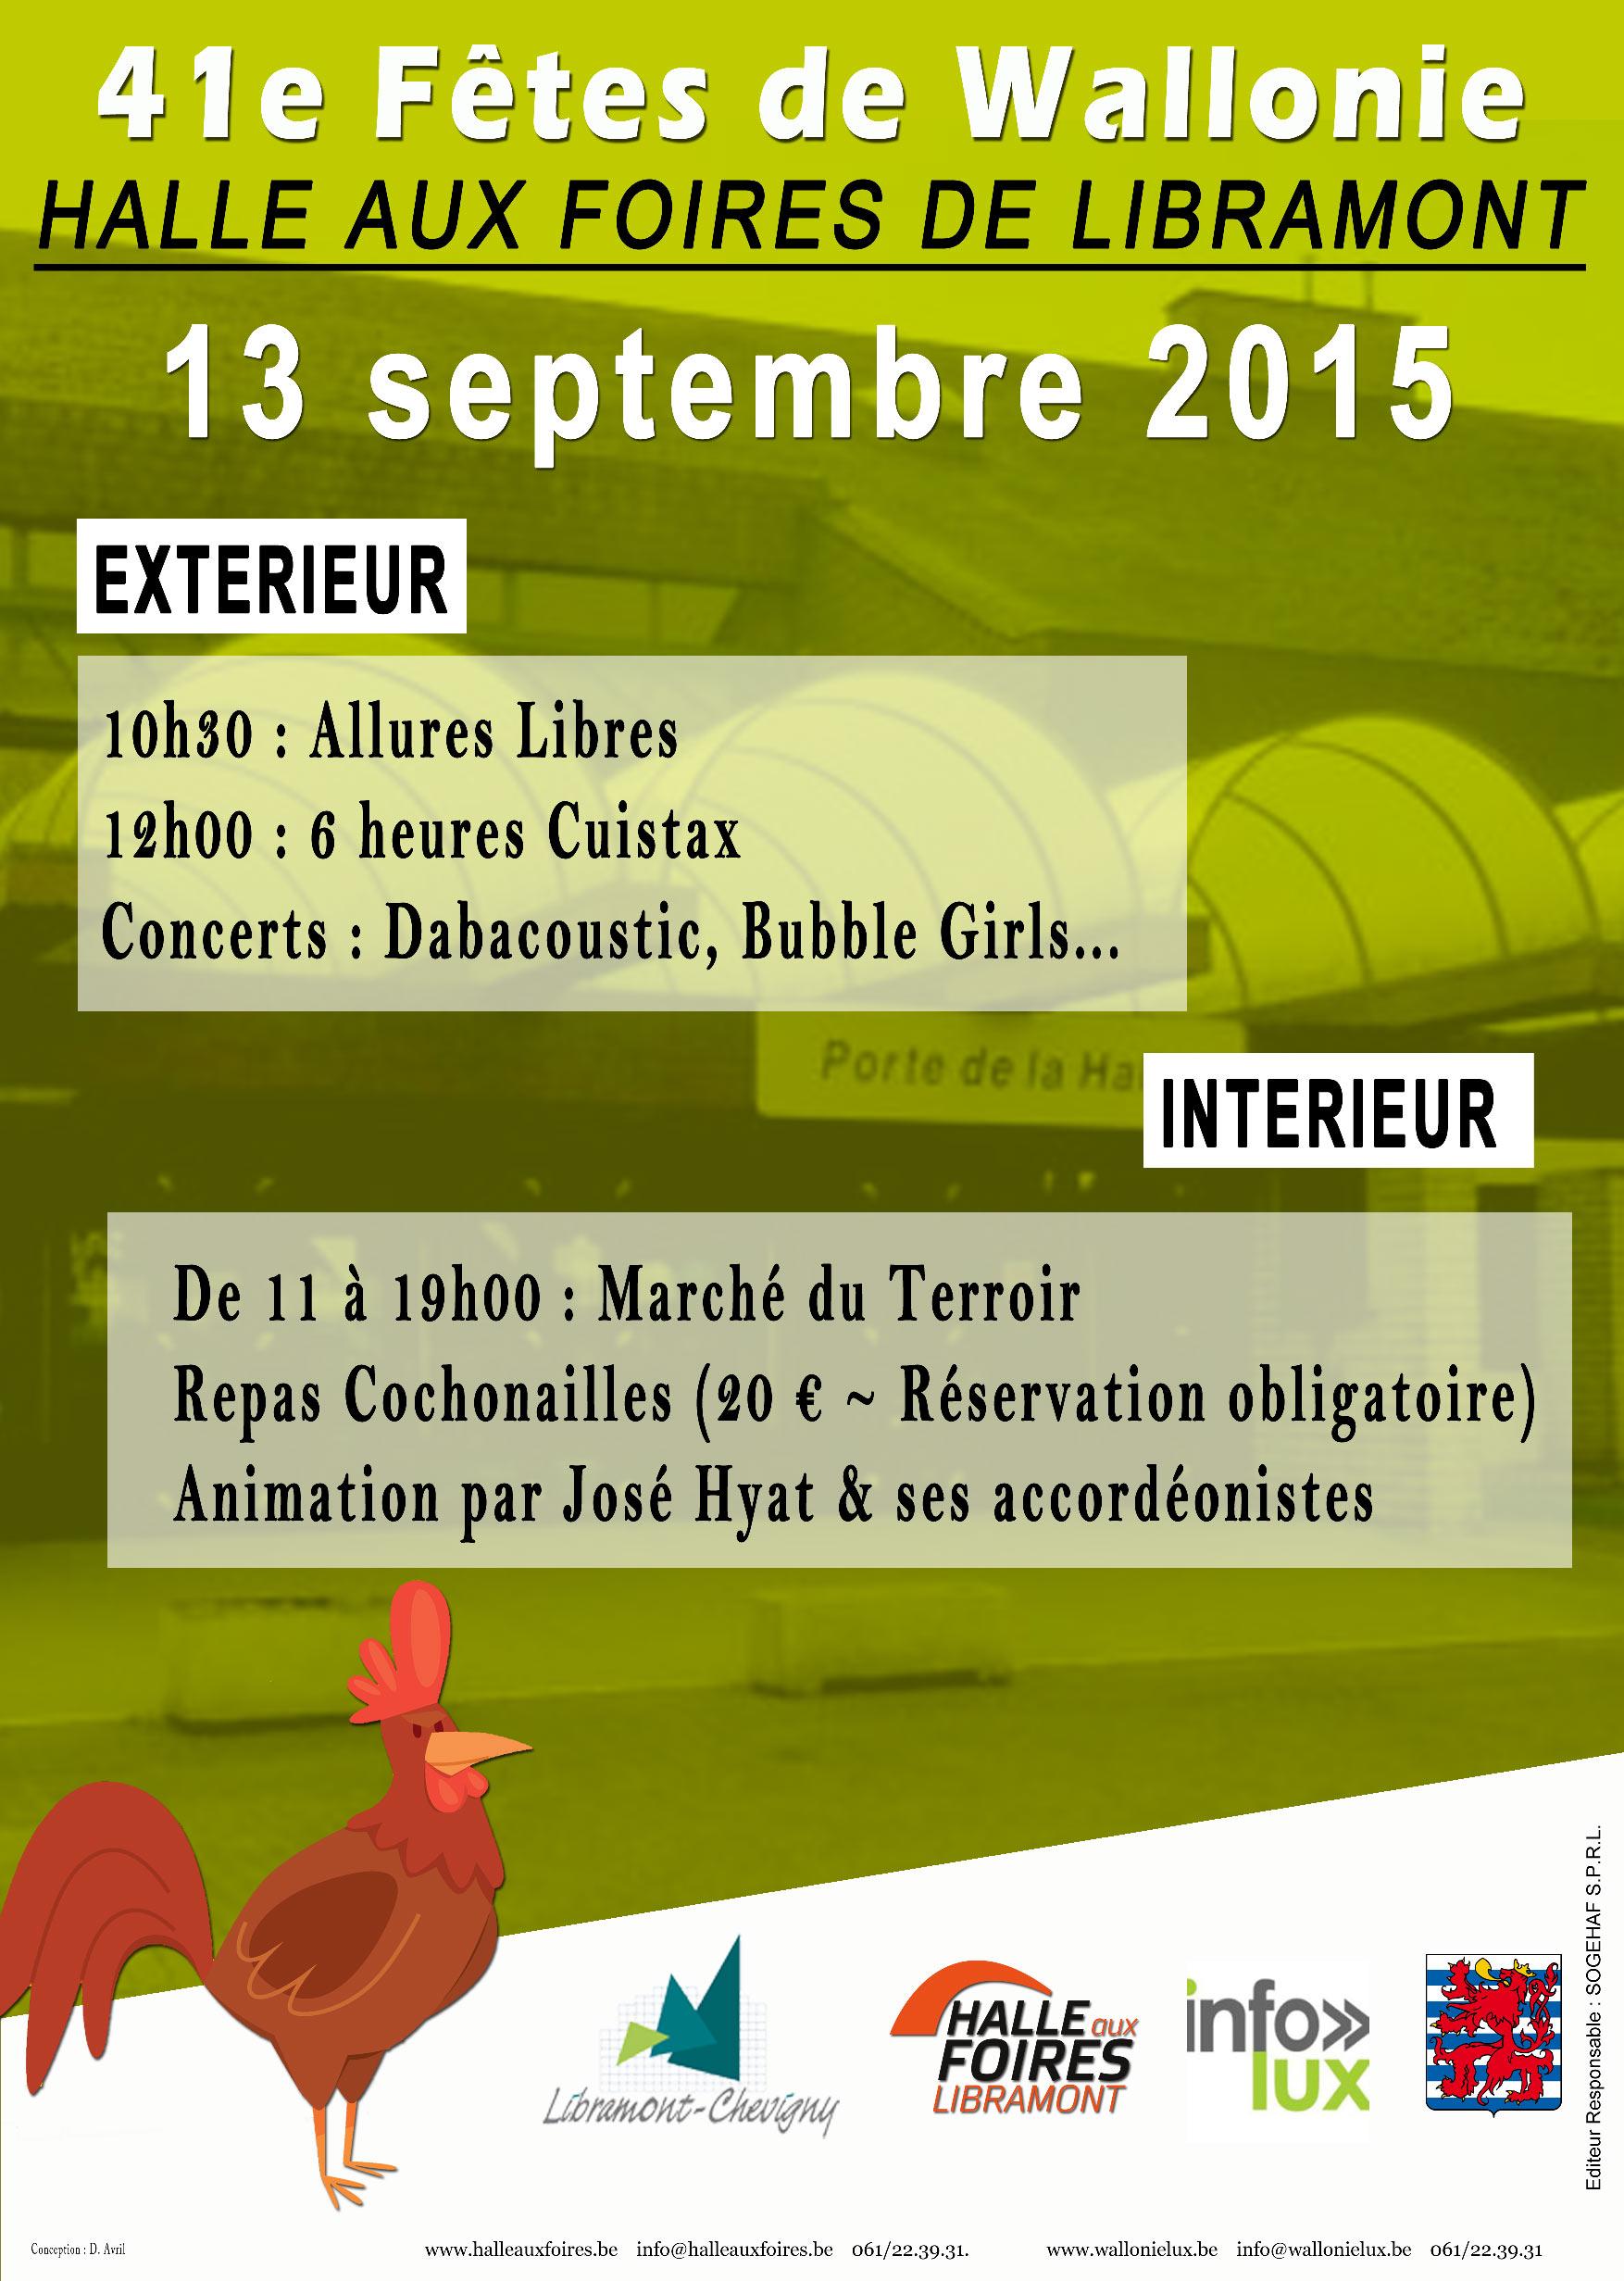 Fêtes de Wallonie – Libramont  Halle aux foires -Dimanche 13 septembre septembre 2015